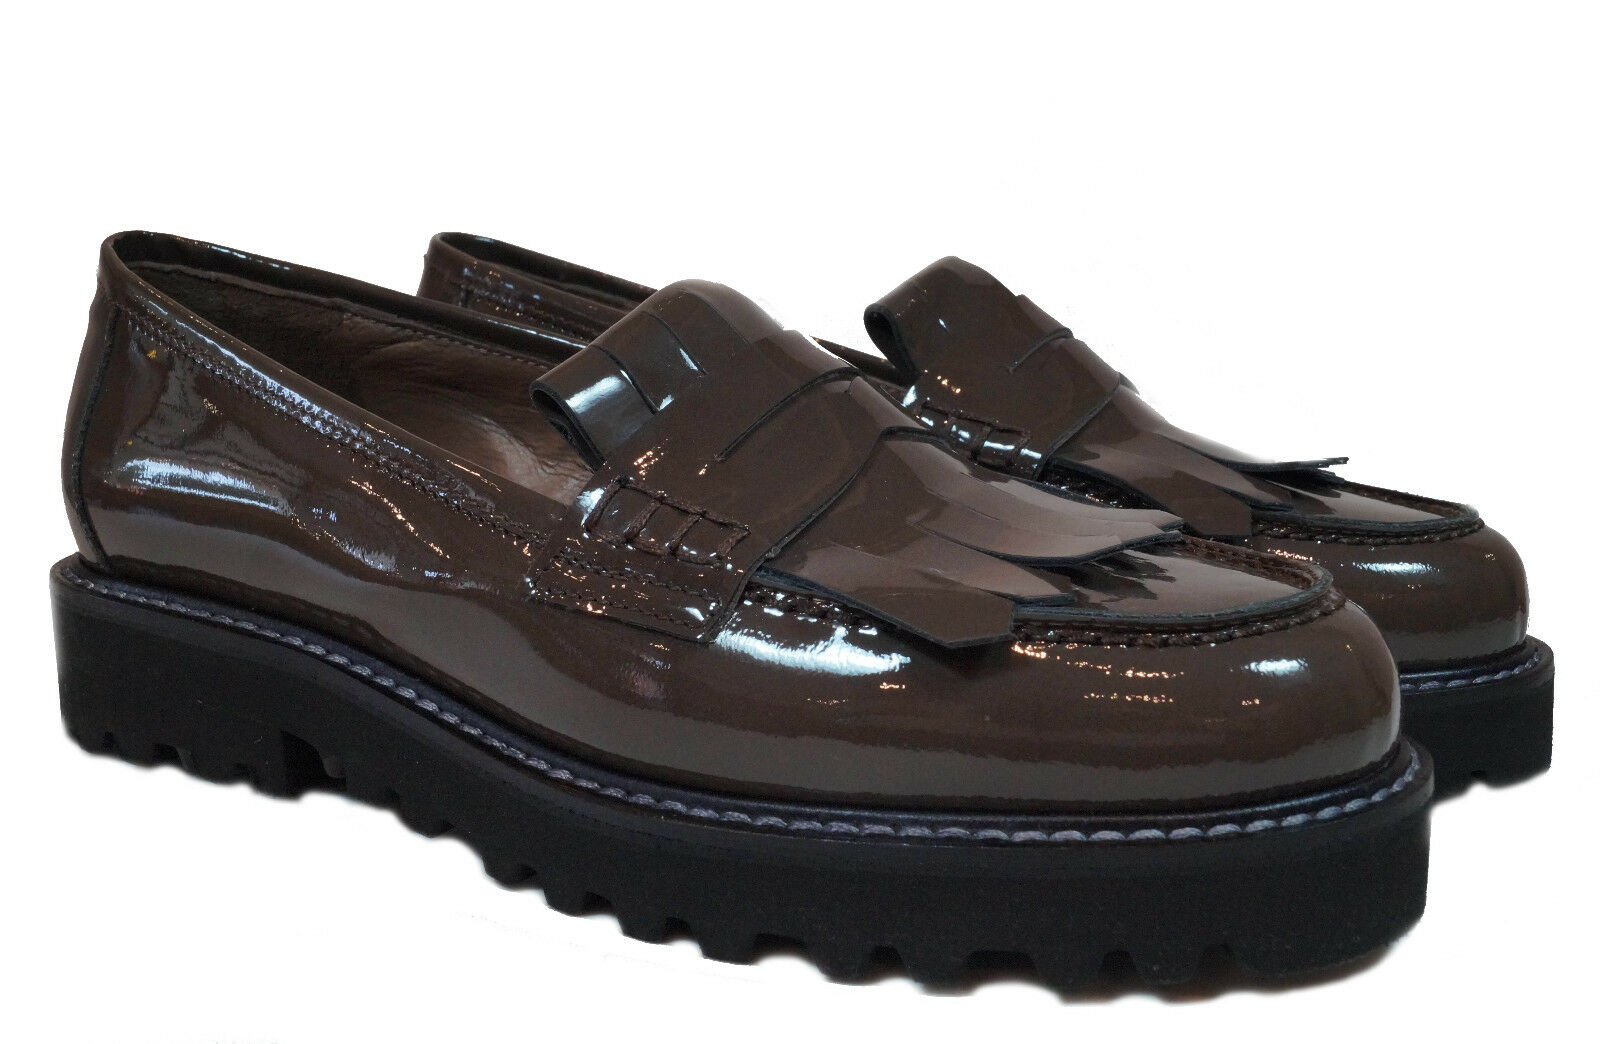 CENEDELLA Schuhe Slipper Artikel: P132 Gr.36 Asiavernice taupe Lackleder Italy Gr.36 P132 38e694